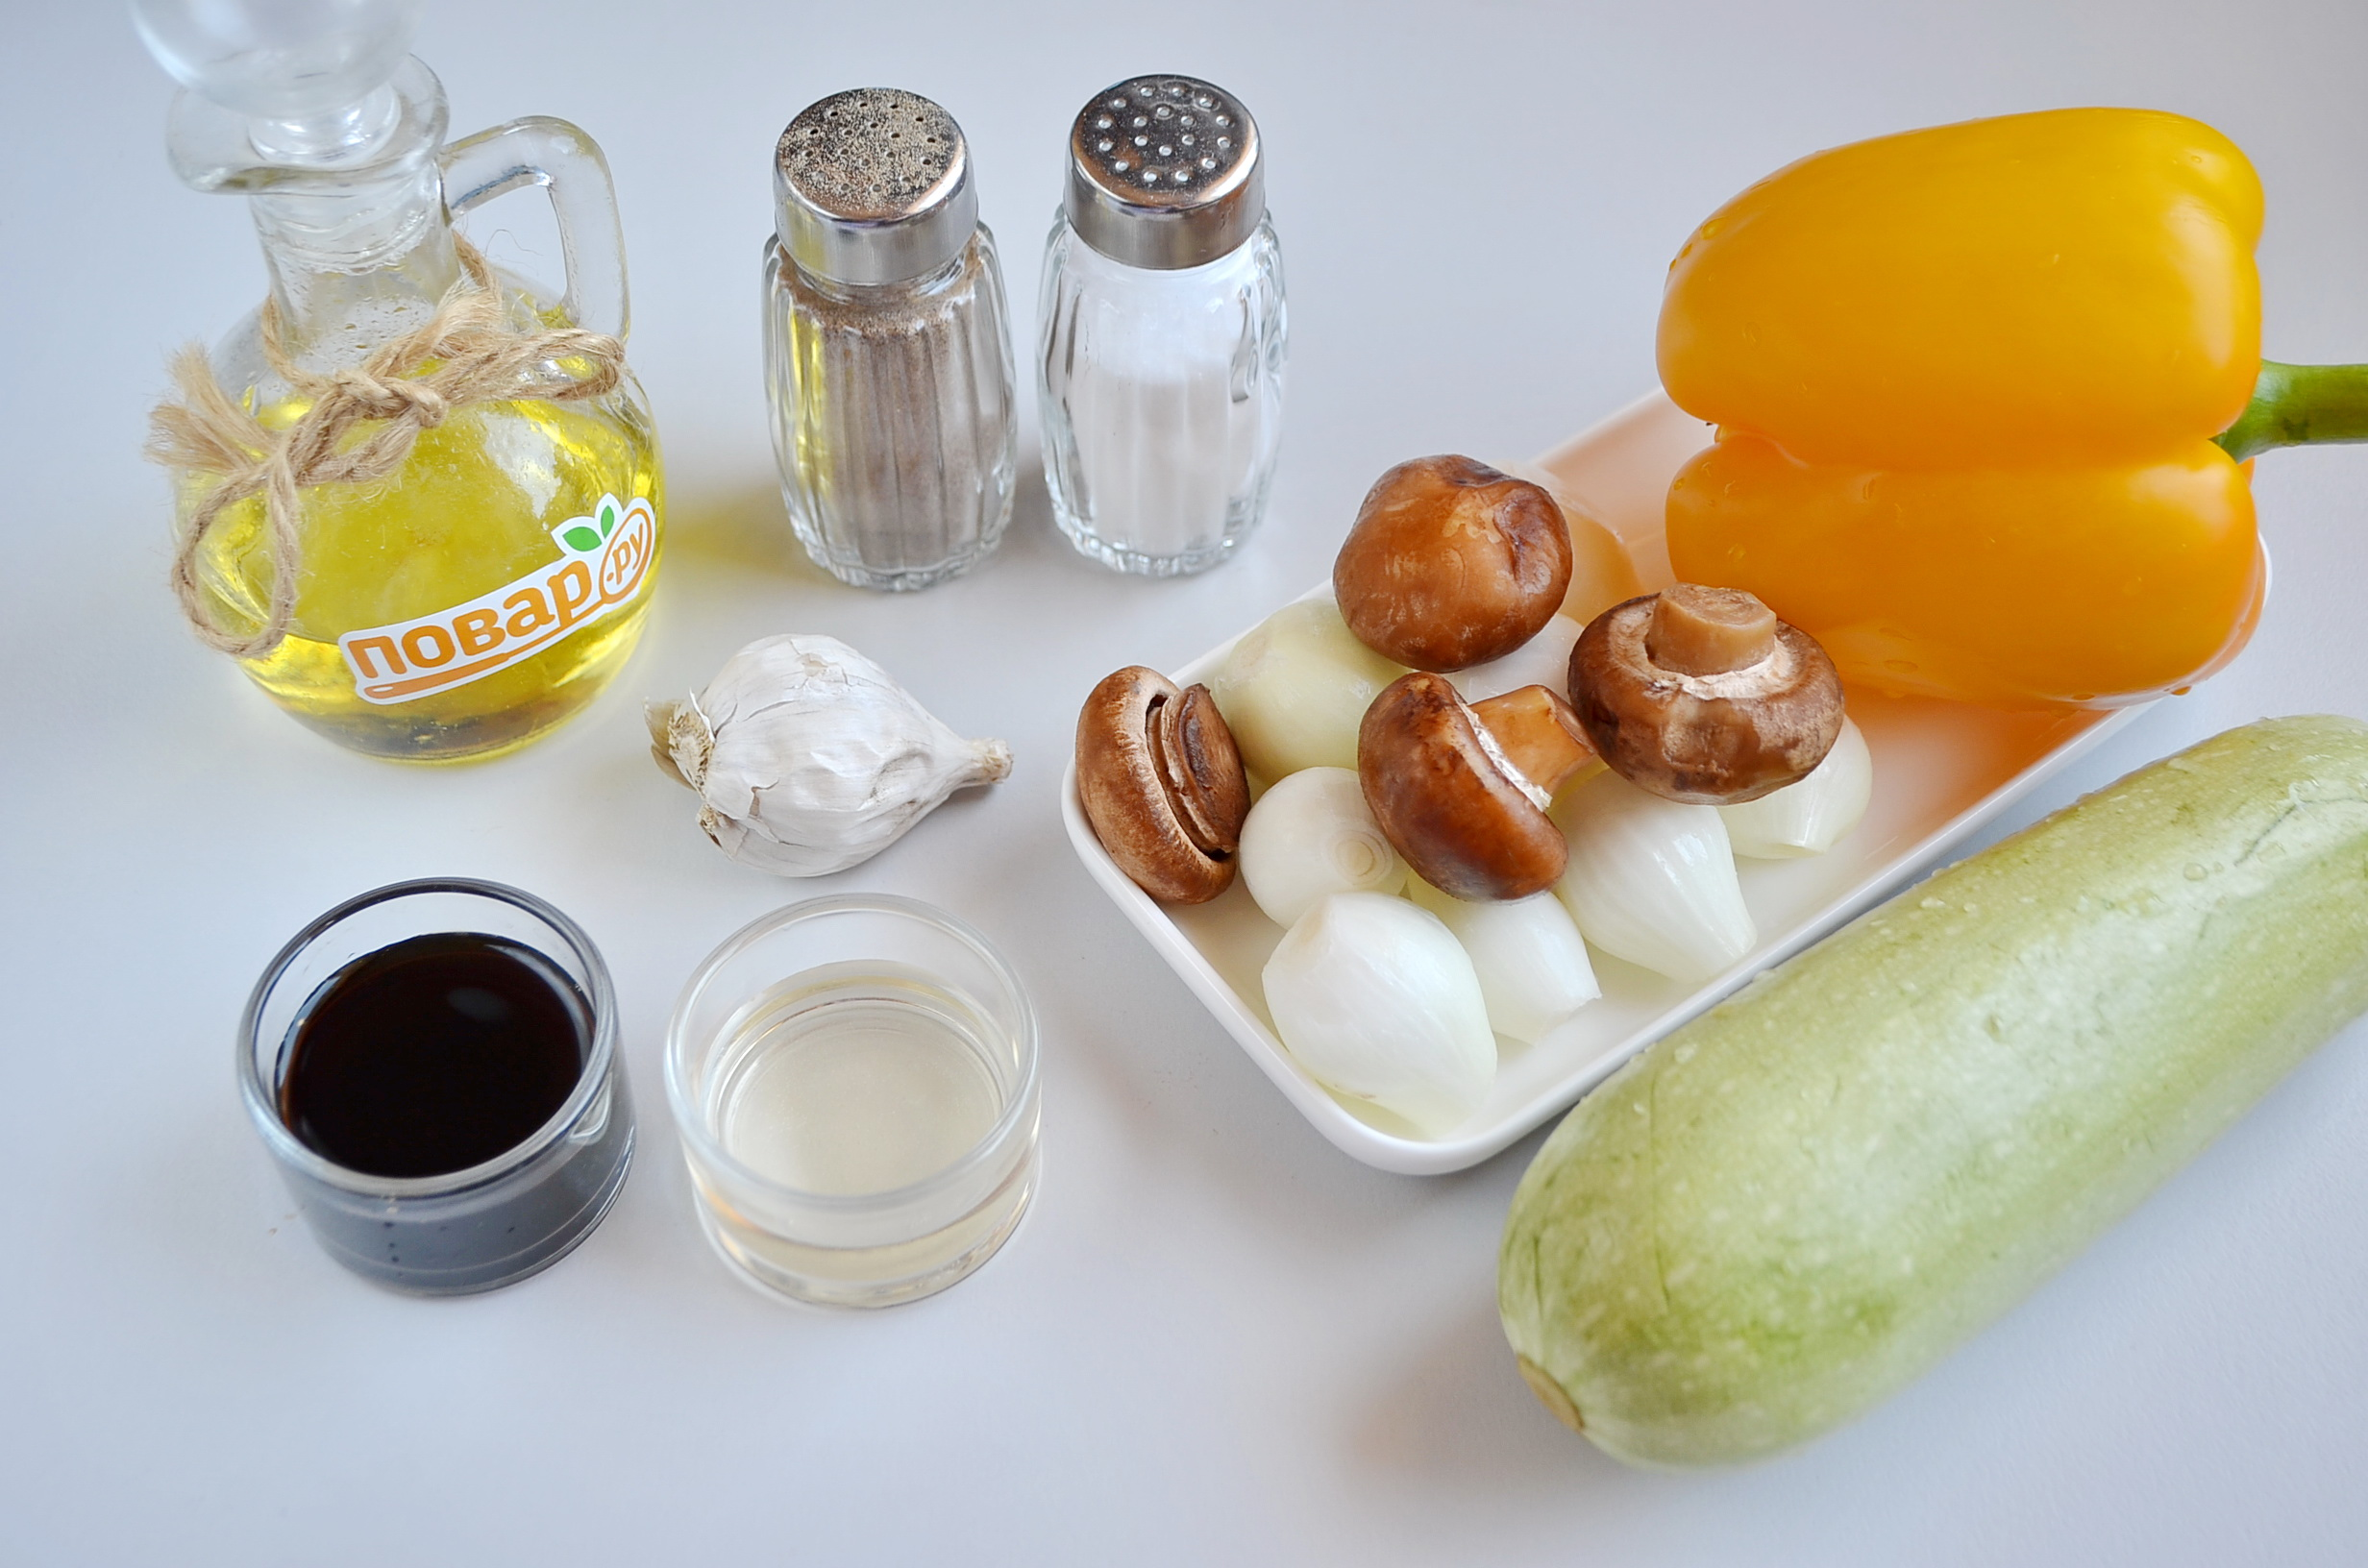 Овощи на гриле, шаг 1: приготовьте специи, цукини, паприку, шампиньоны